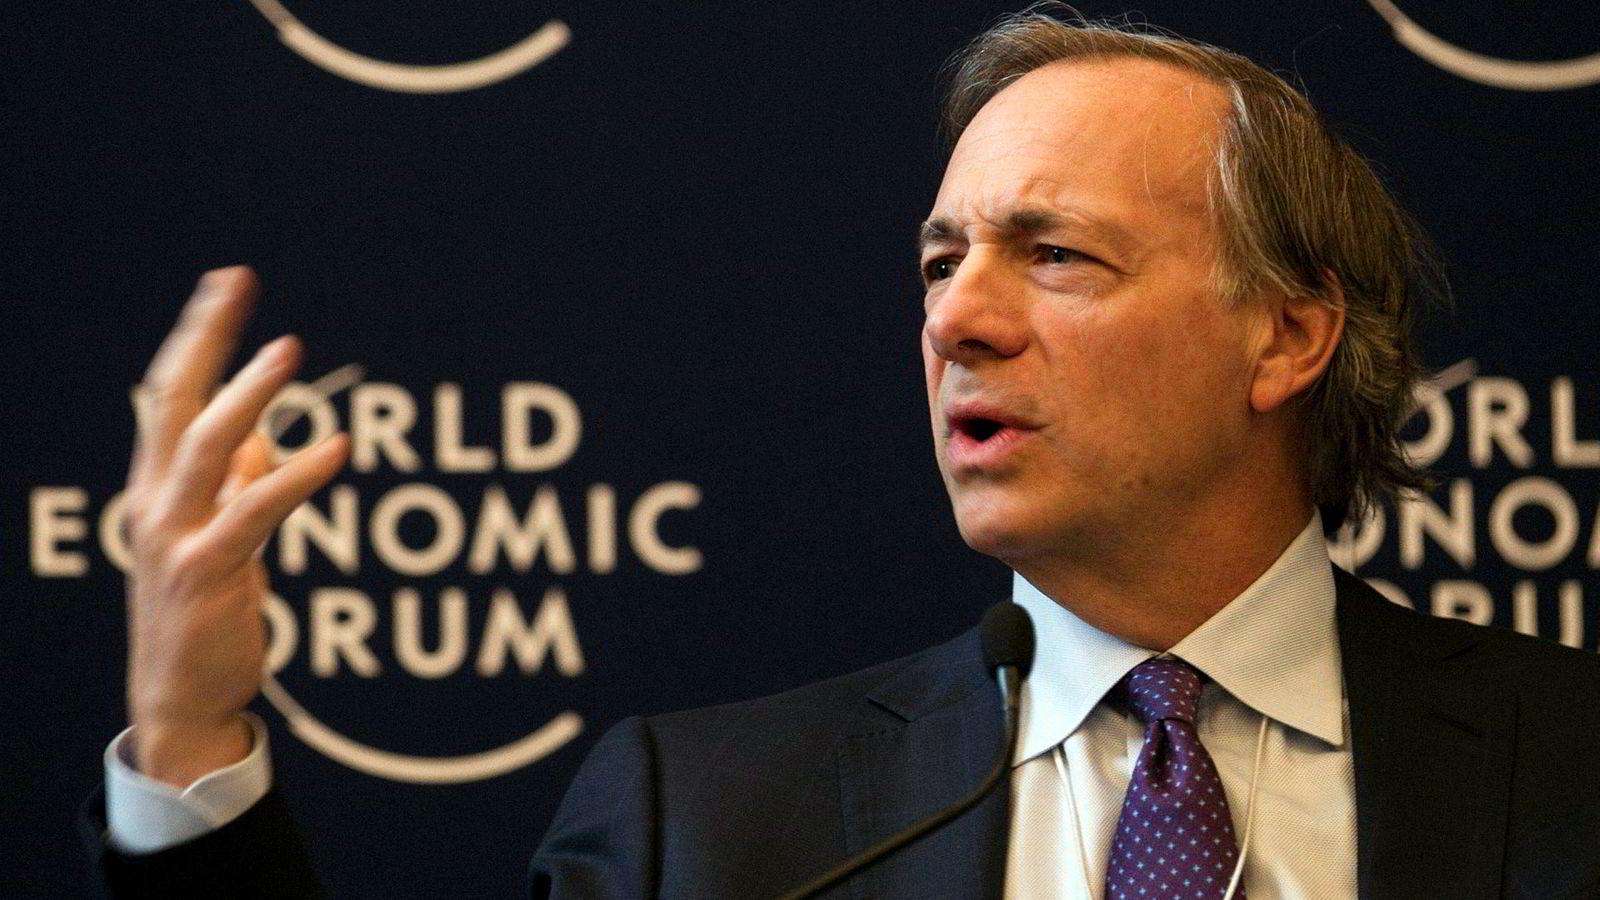 Ray Dalio har grunnlagt verdens største hedgefond og forvalter verdier for rundt 150 milliarder dollar. Han tror aksjemarkedet skal oppover. Her fra World Economic Forum i Davos et tidligere år.